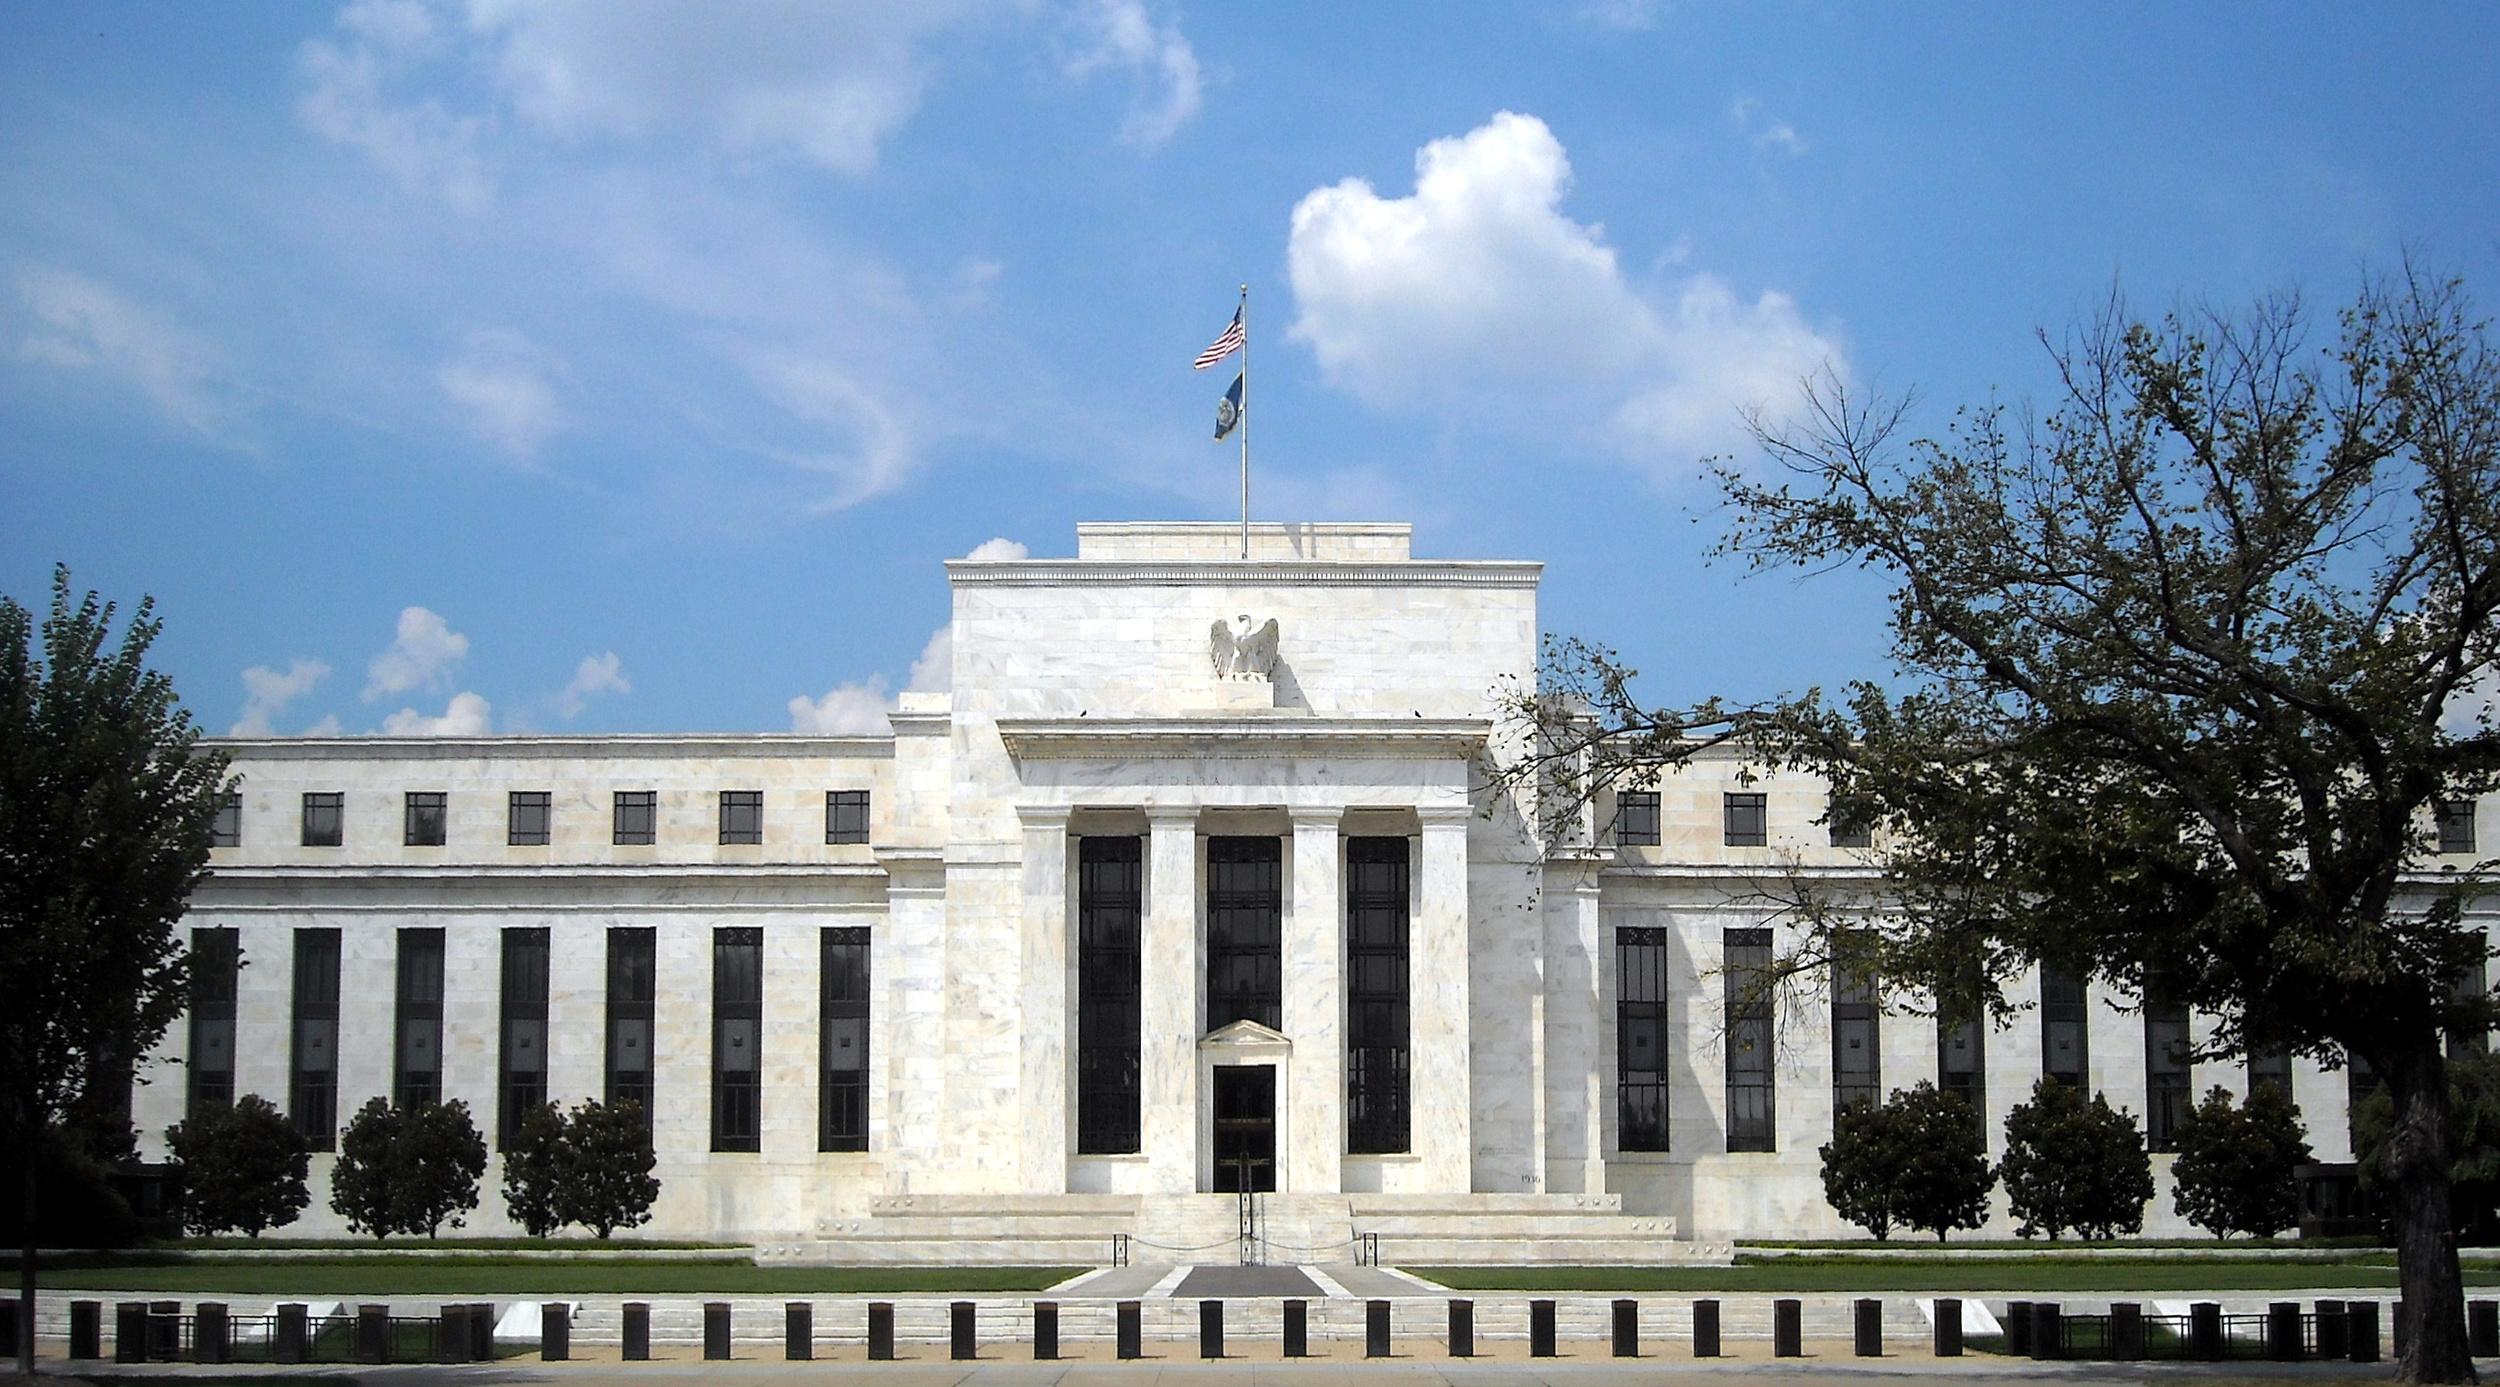 Marriner_S._Eccles_Federal_Reserve_Board_Building.jpg